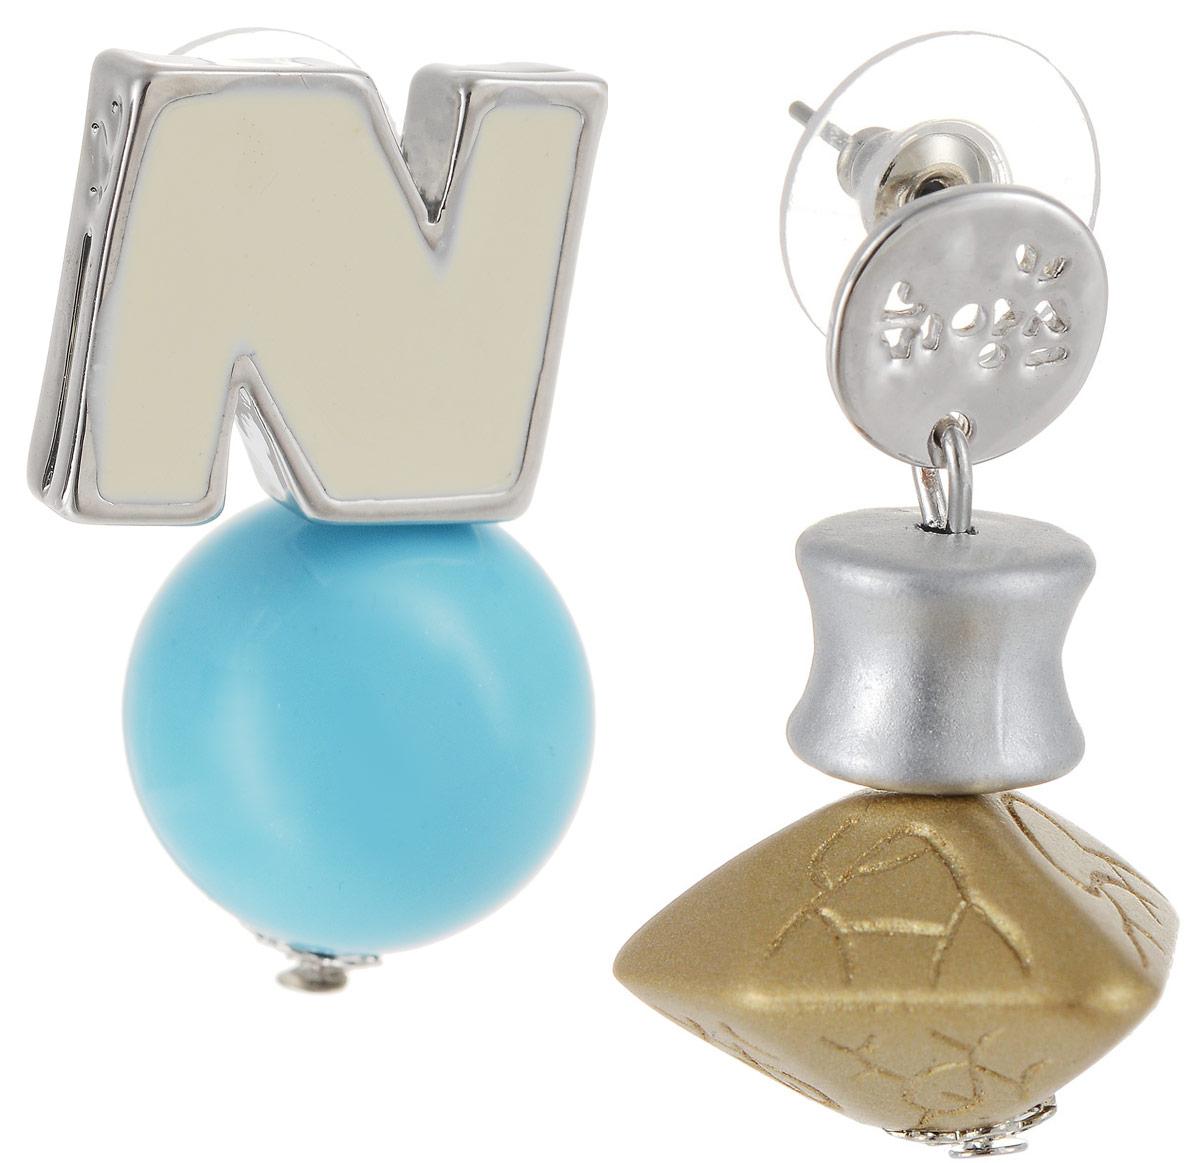 Серьги Art-Silver, цвет: серебряный, голубой. СРГО44-332Серьги с подвескамиБижутерный сплав, полимер, эмаль.